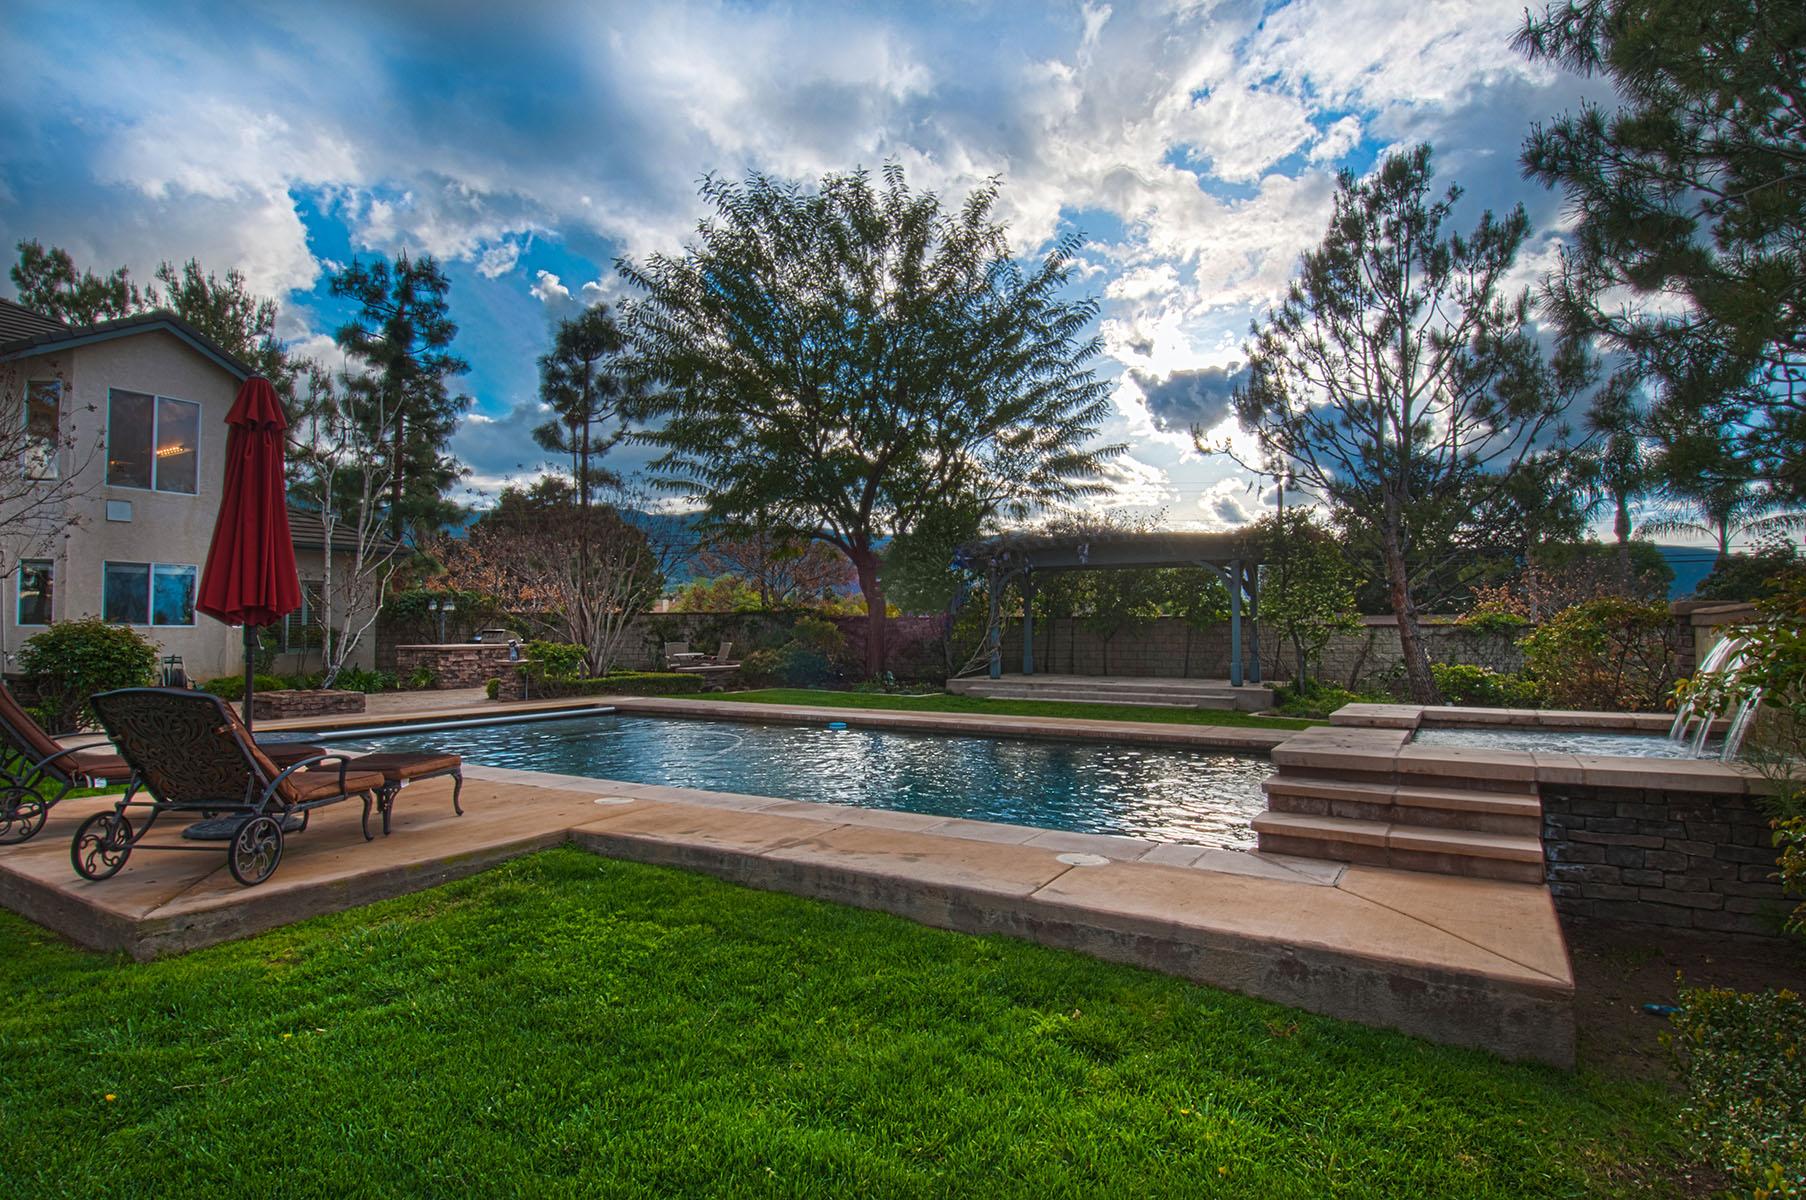 獨棟家庭住宅 為 出售 在 605 Jocelyn Way Corona, 加利福尼亞州 92881 美國